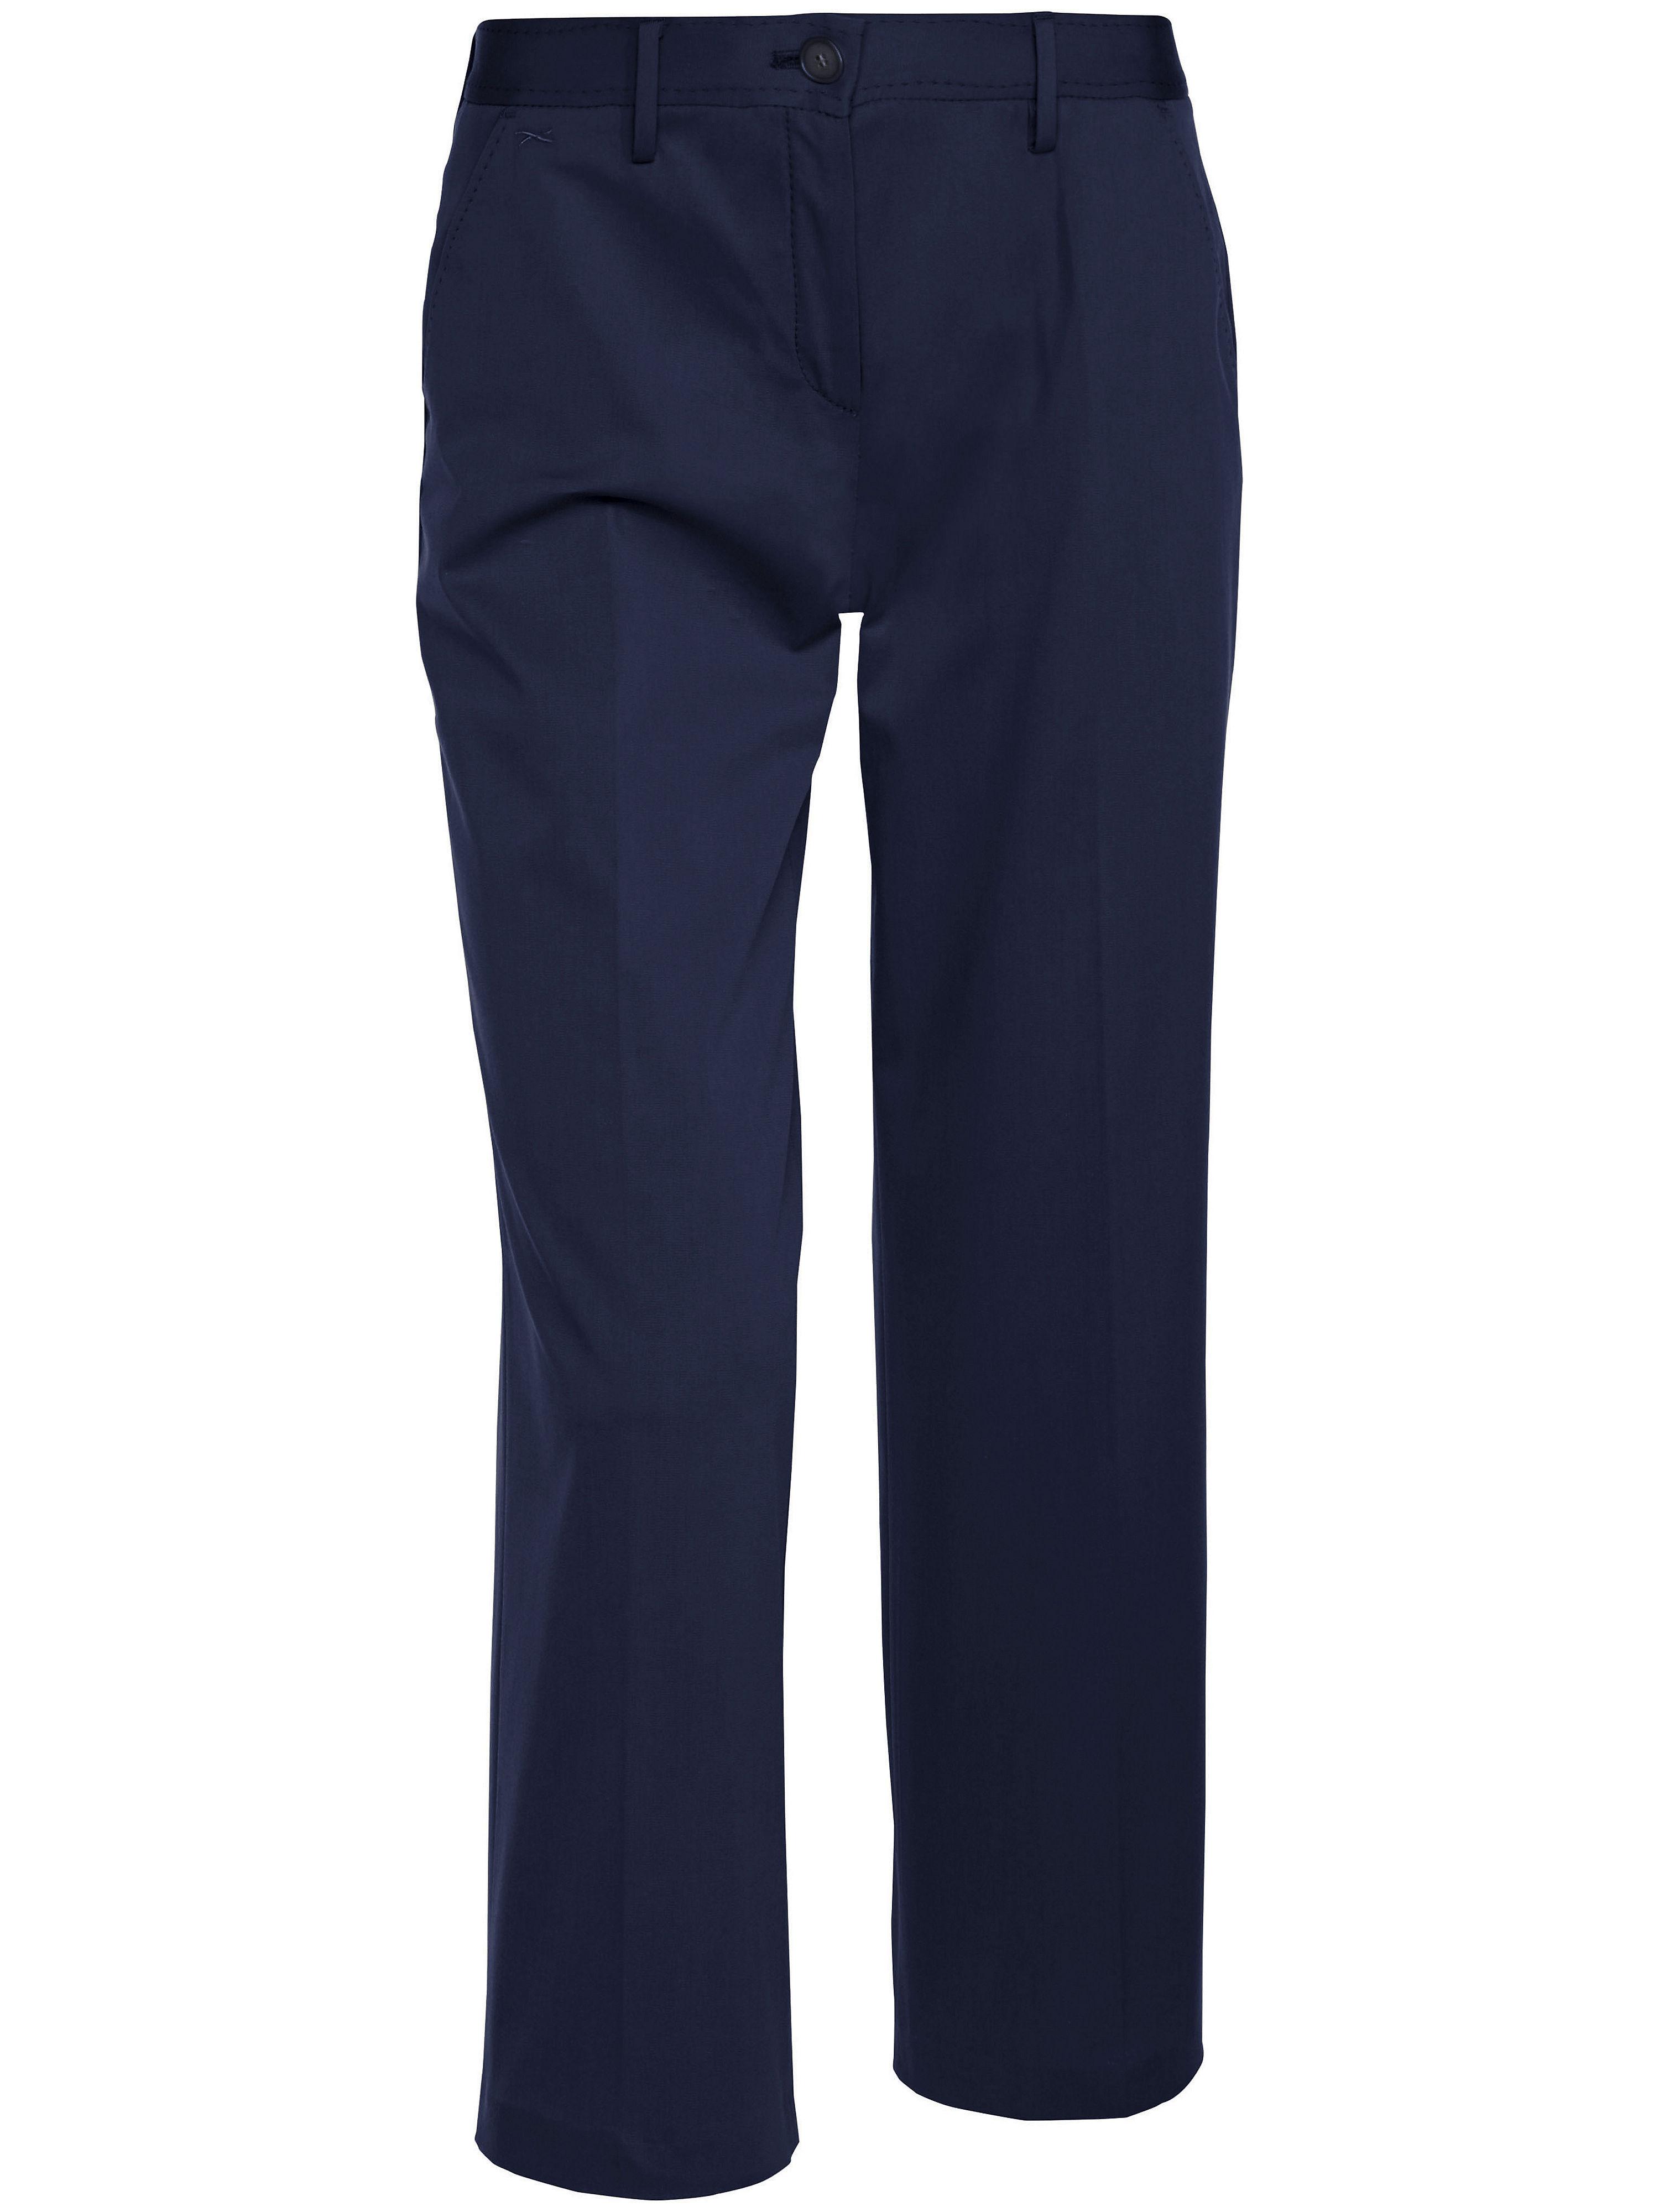 Image of   7/8-bukser Modern Fit Fra Brax Feel Good blå